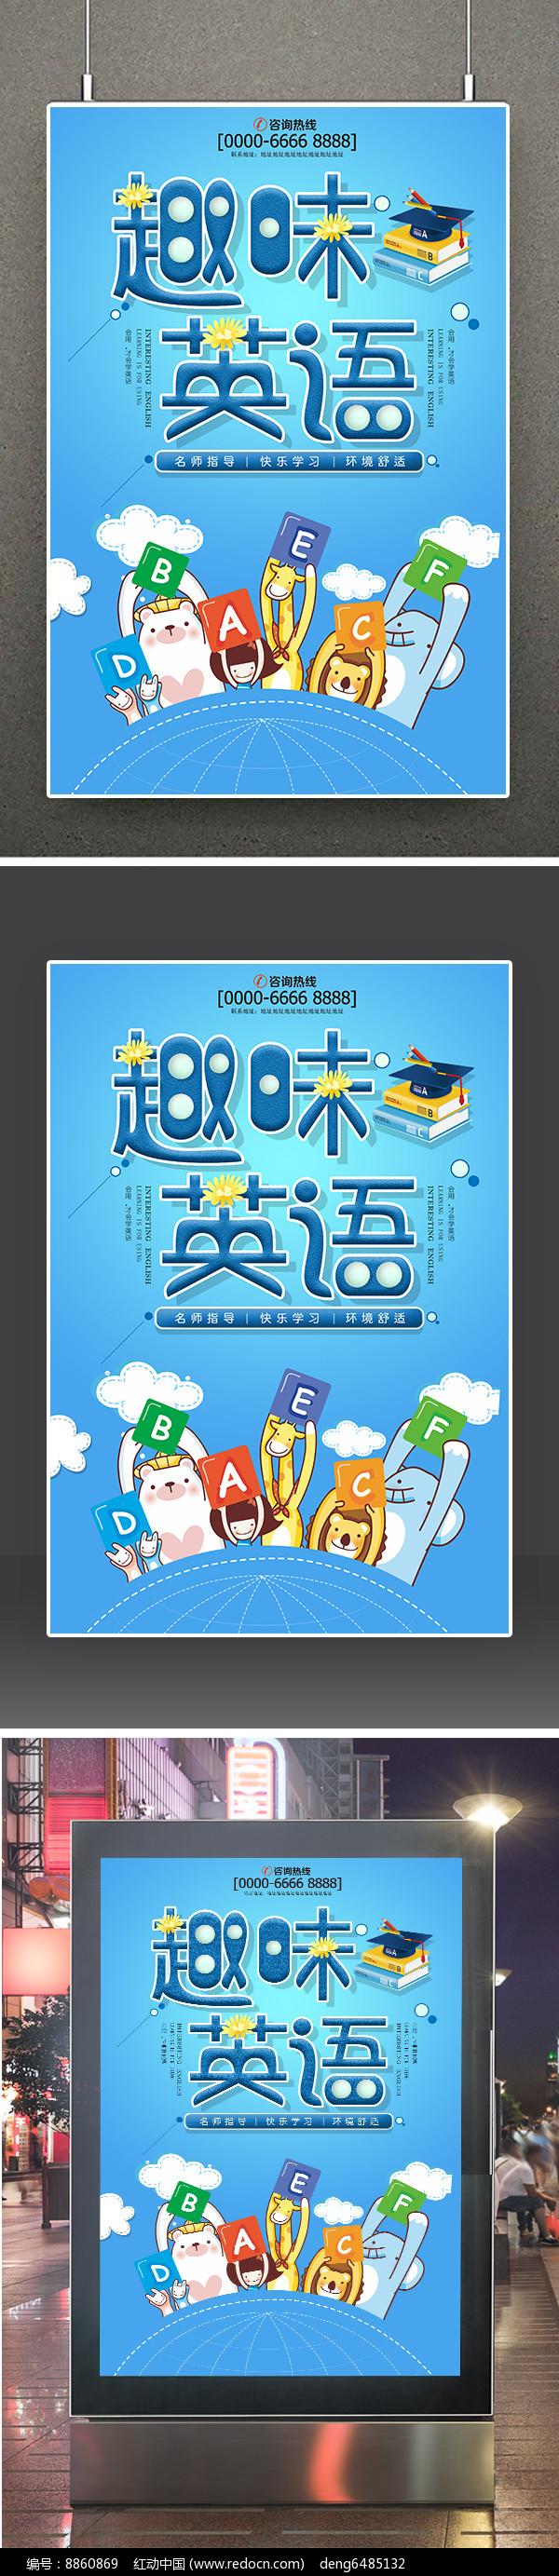 创意趣味英语培训招生海报图片